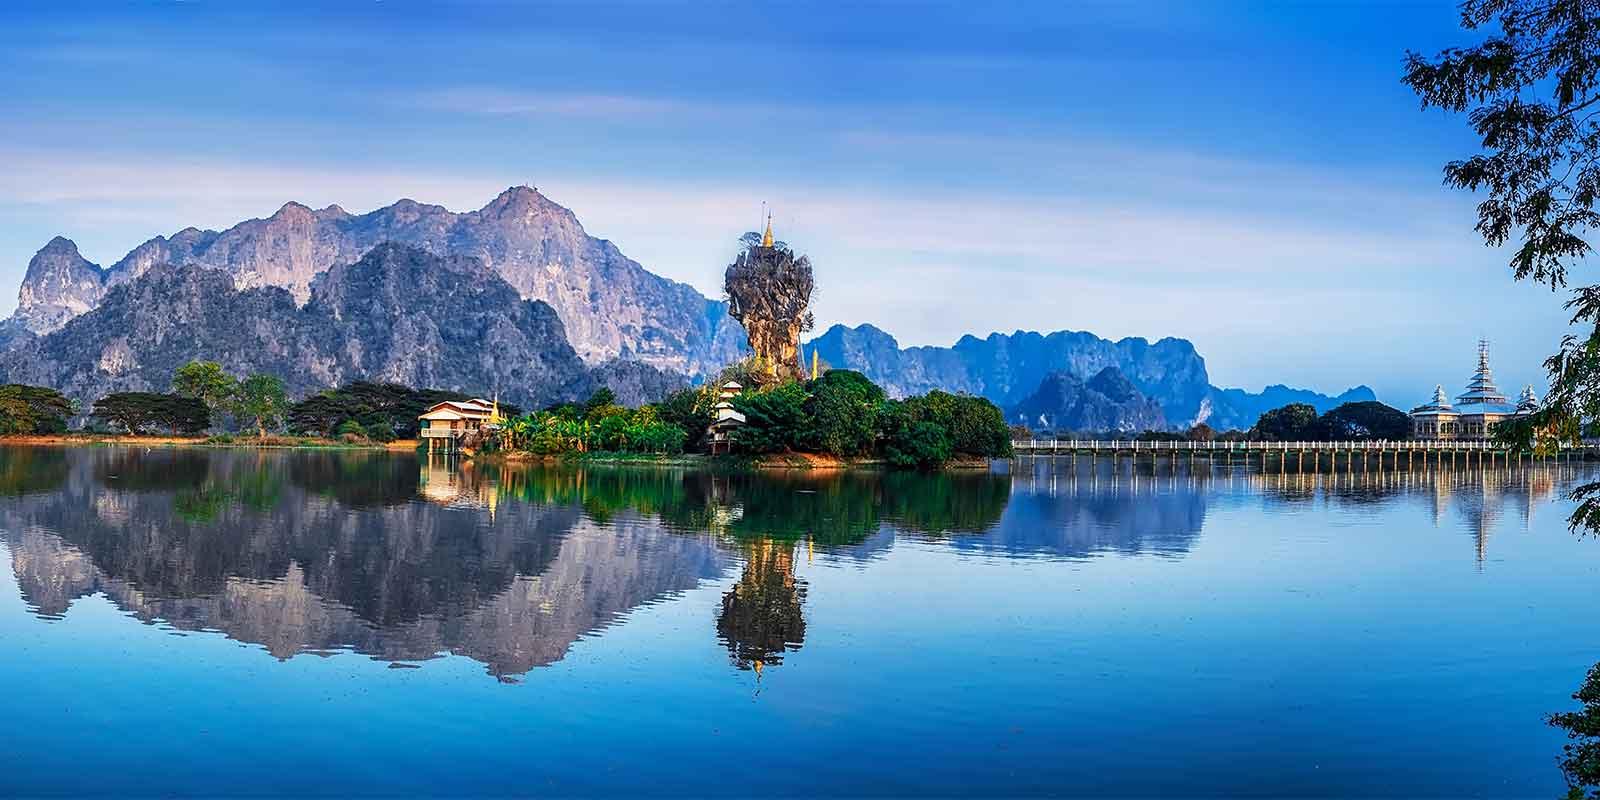 Kyauk Kalap Pagoda and reflection over lake